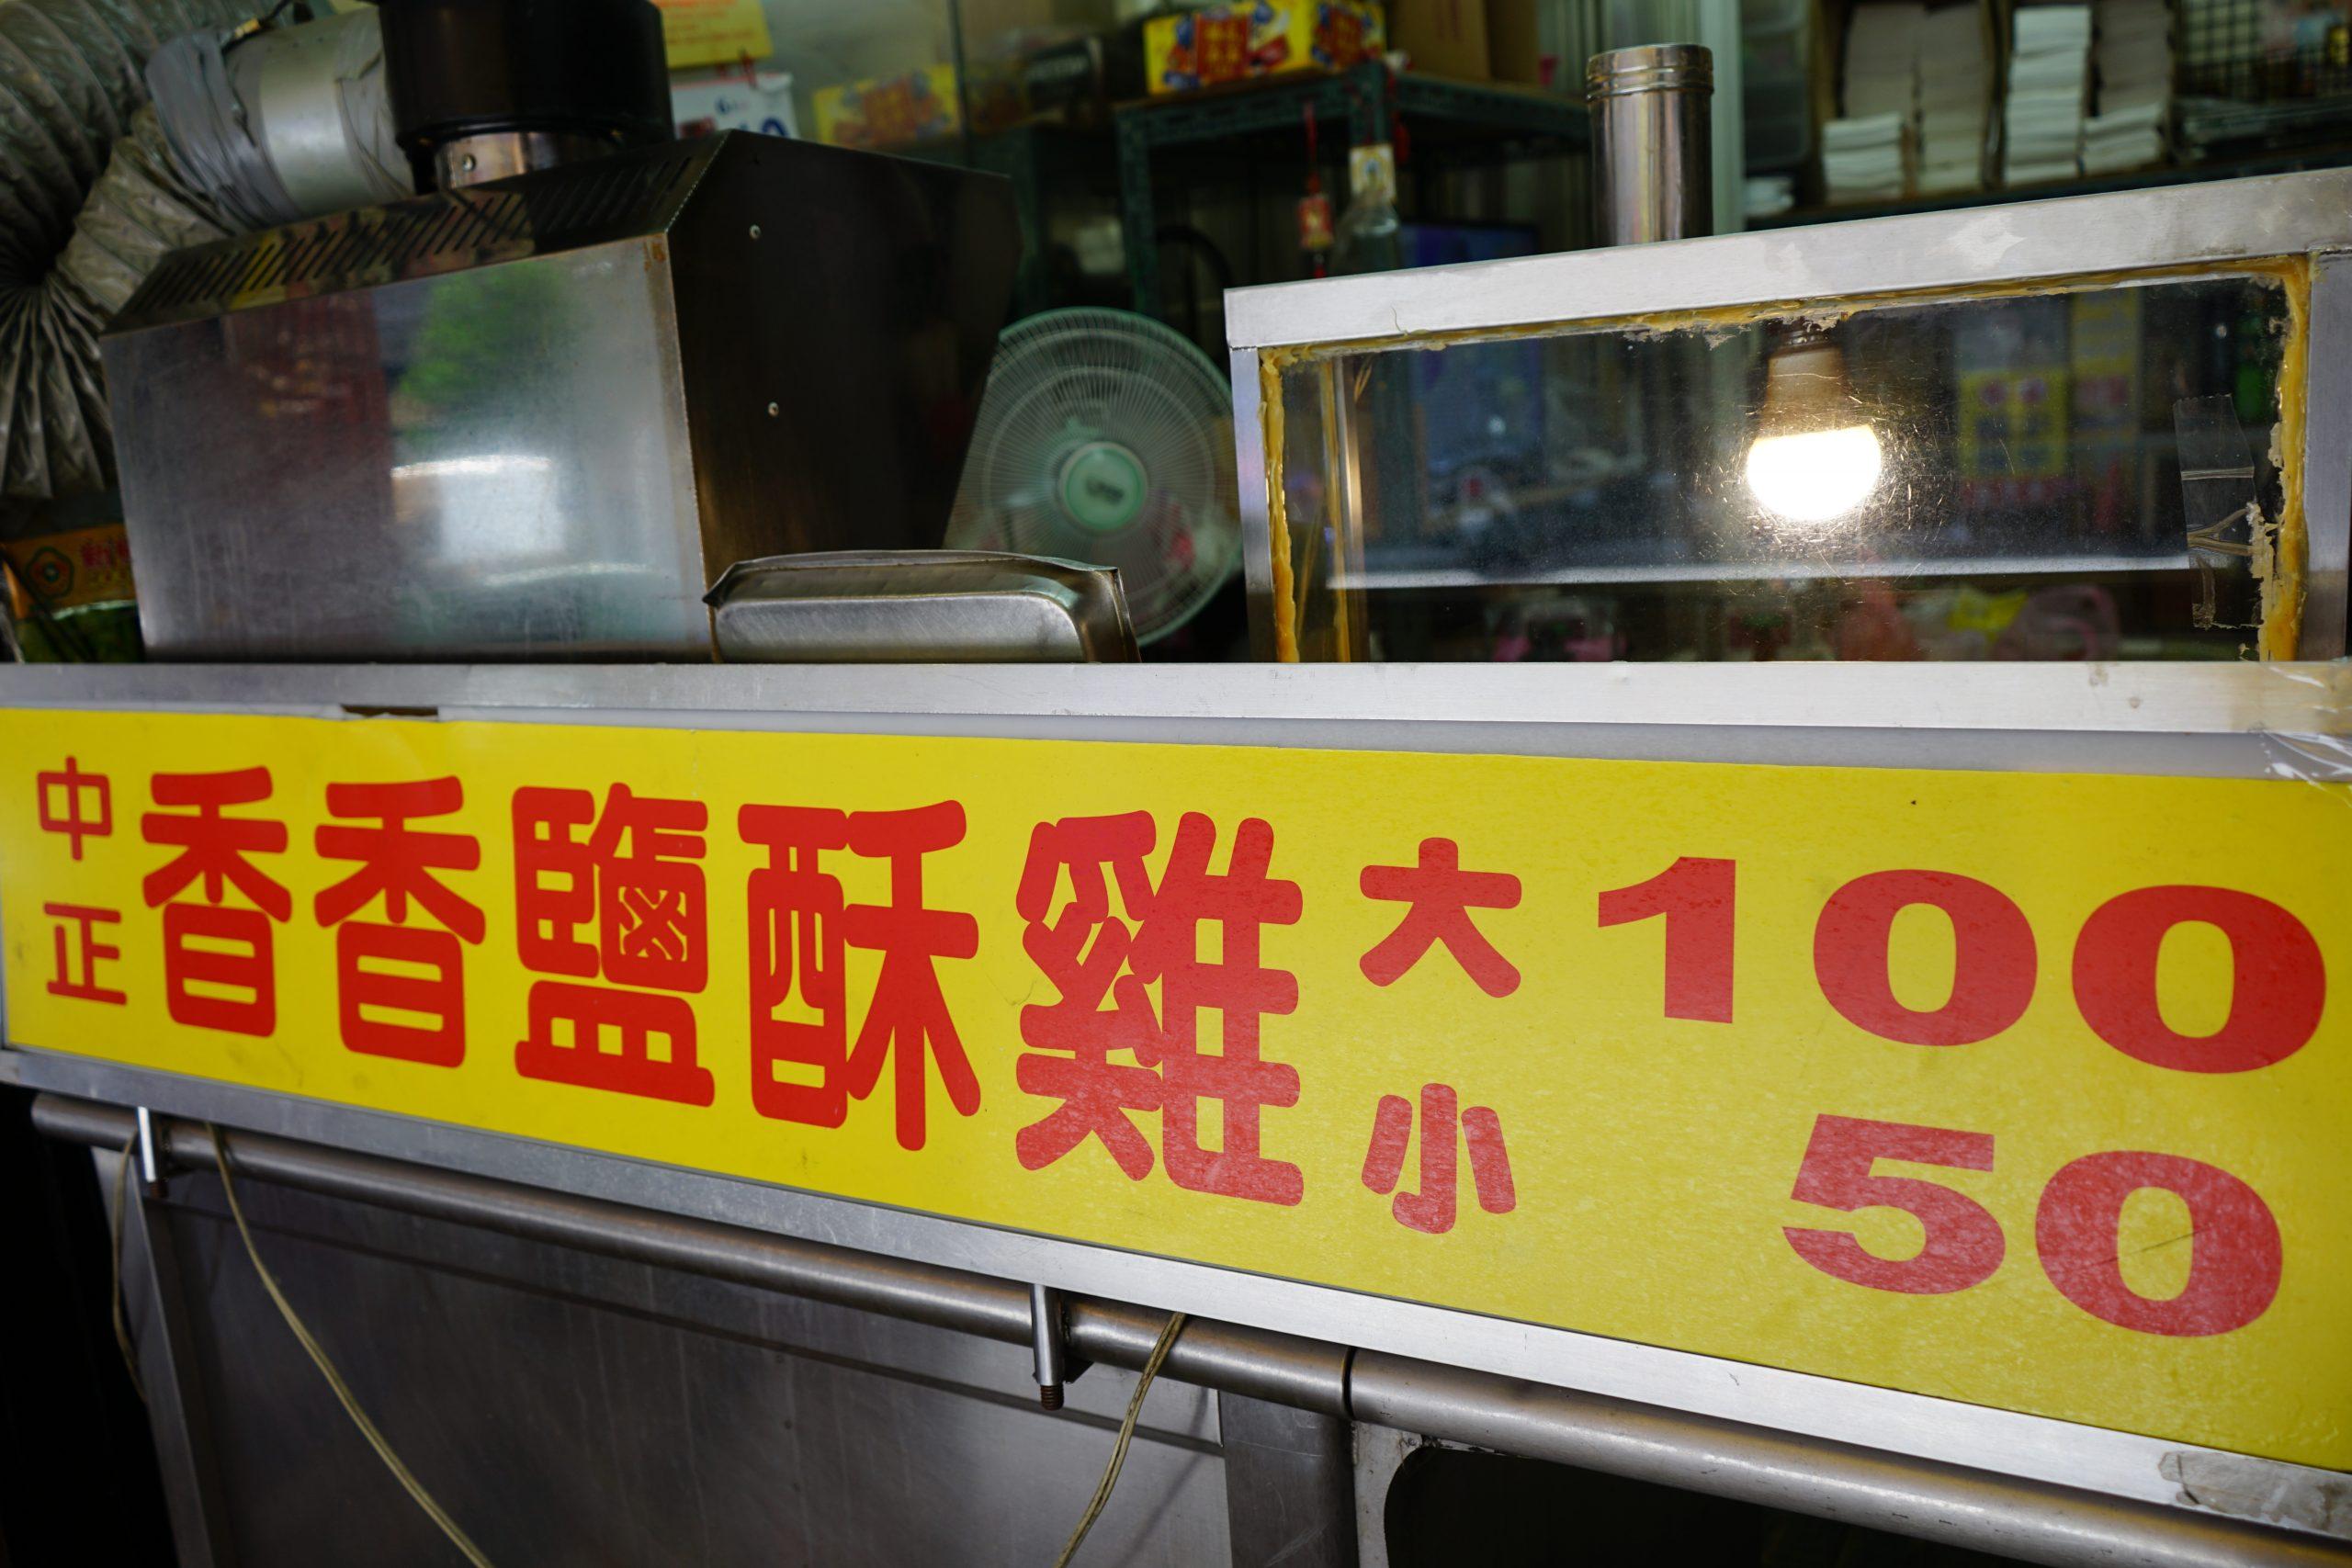 『桃園。美食』 中正香香鹹酥雞|永和市場美食 全桃園最早開店的鹹酥雞攤  從中午賣到凌晨  在地老字號必吃。